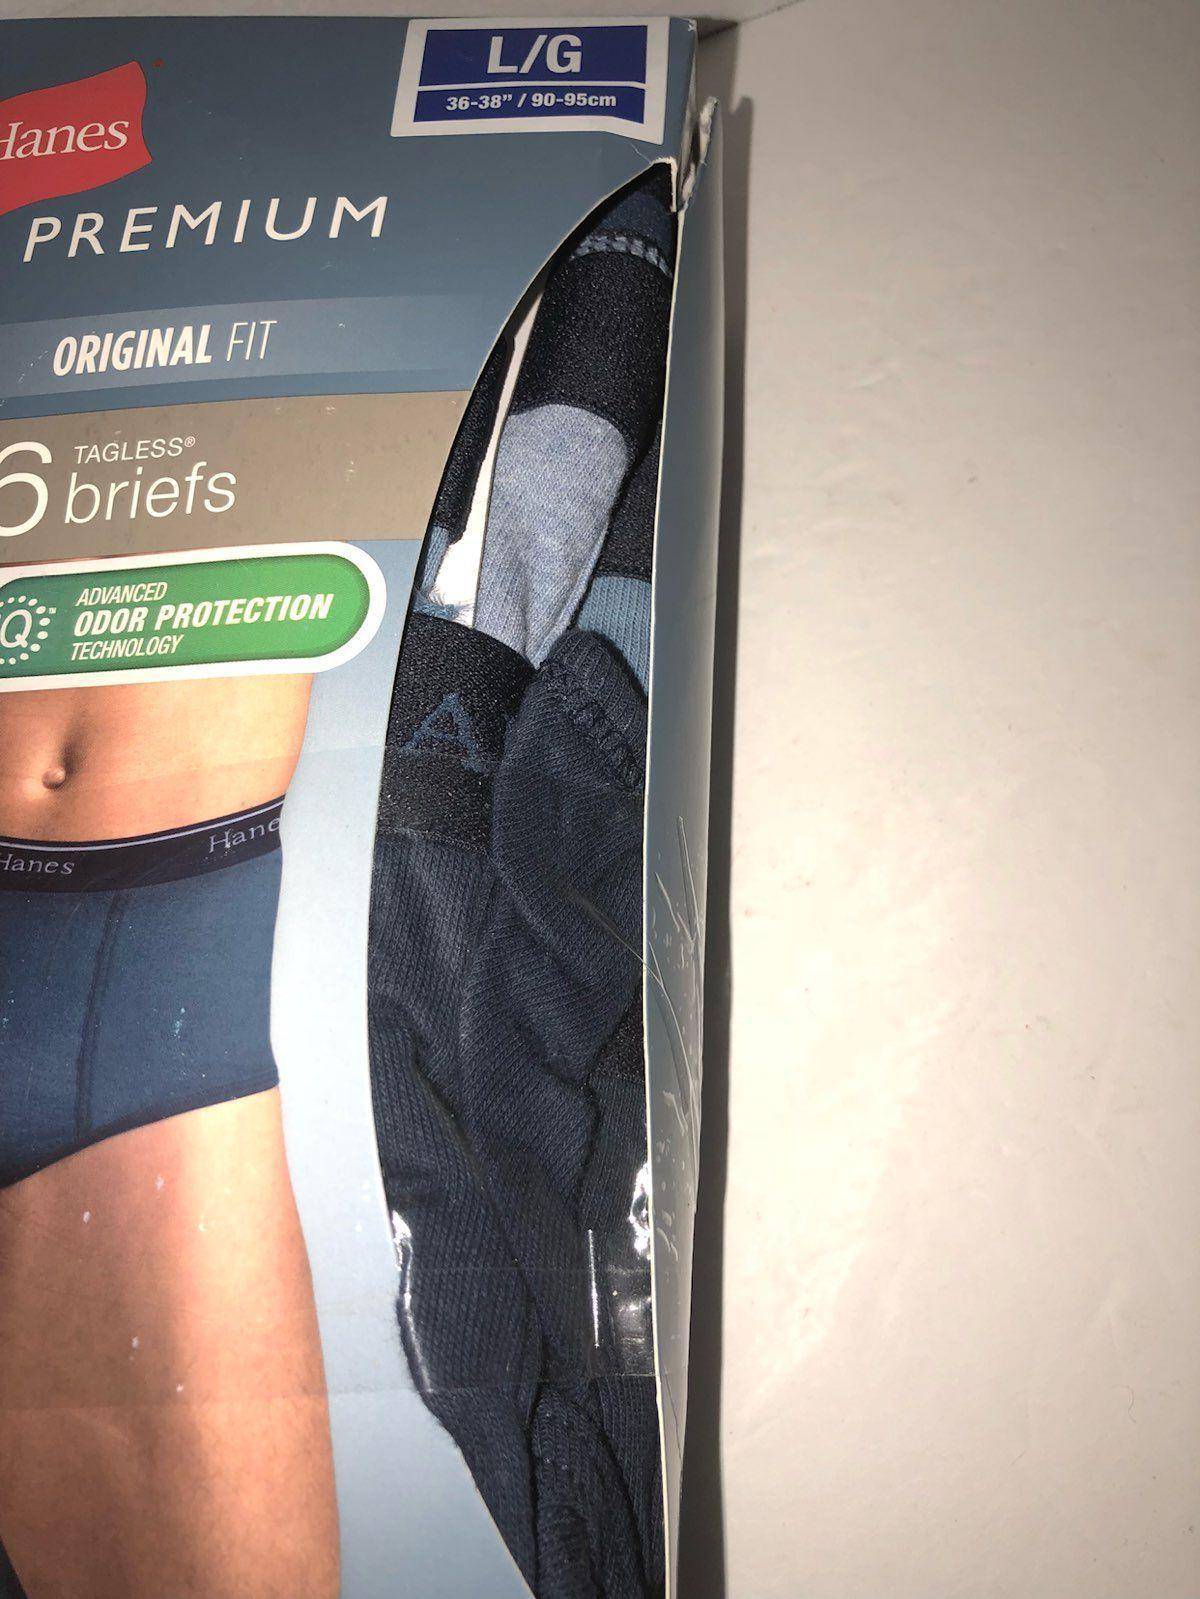 Large Hanes Premium Briefs 6 Pack